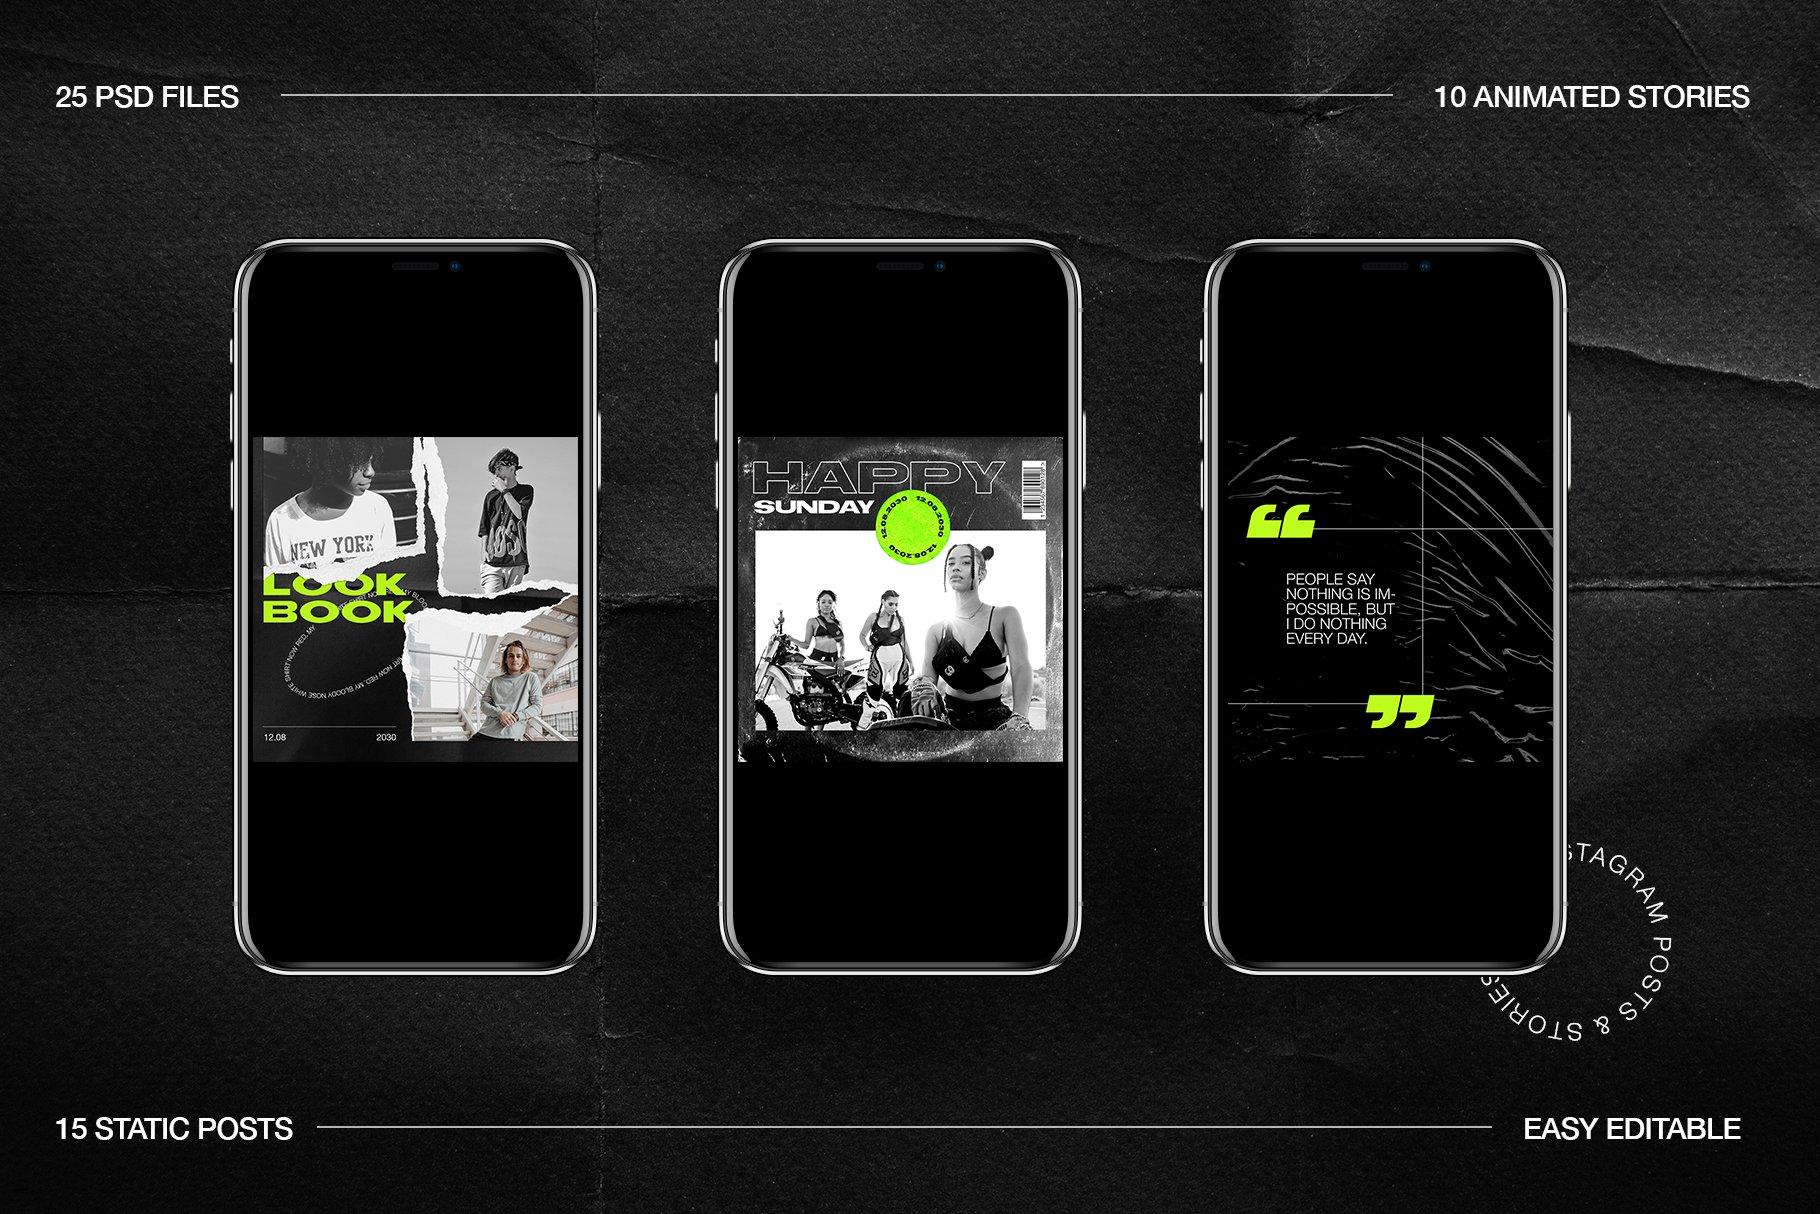 [淘宝购买] 潮流霓虹撕纸效果新媒体推广电商海报设计PSD模板 Neon Instagram Posts & Stories插图(8)